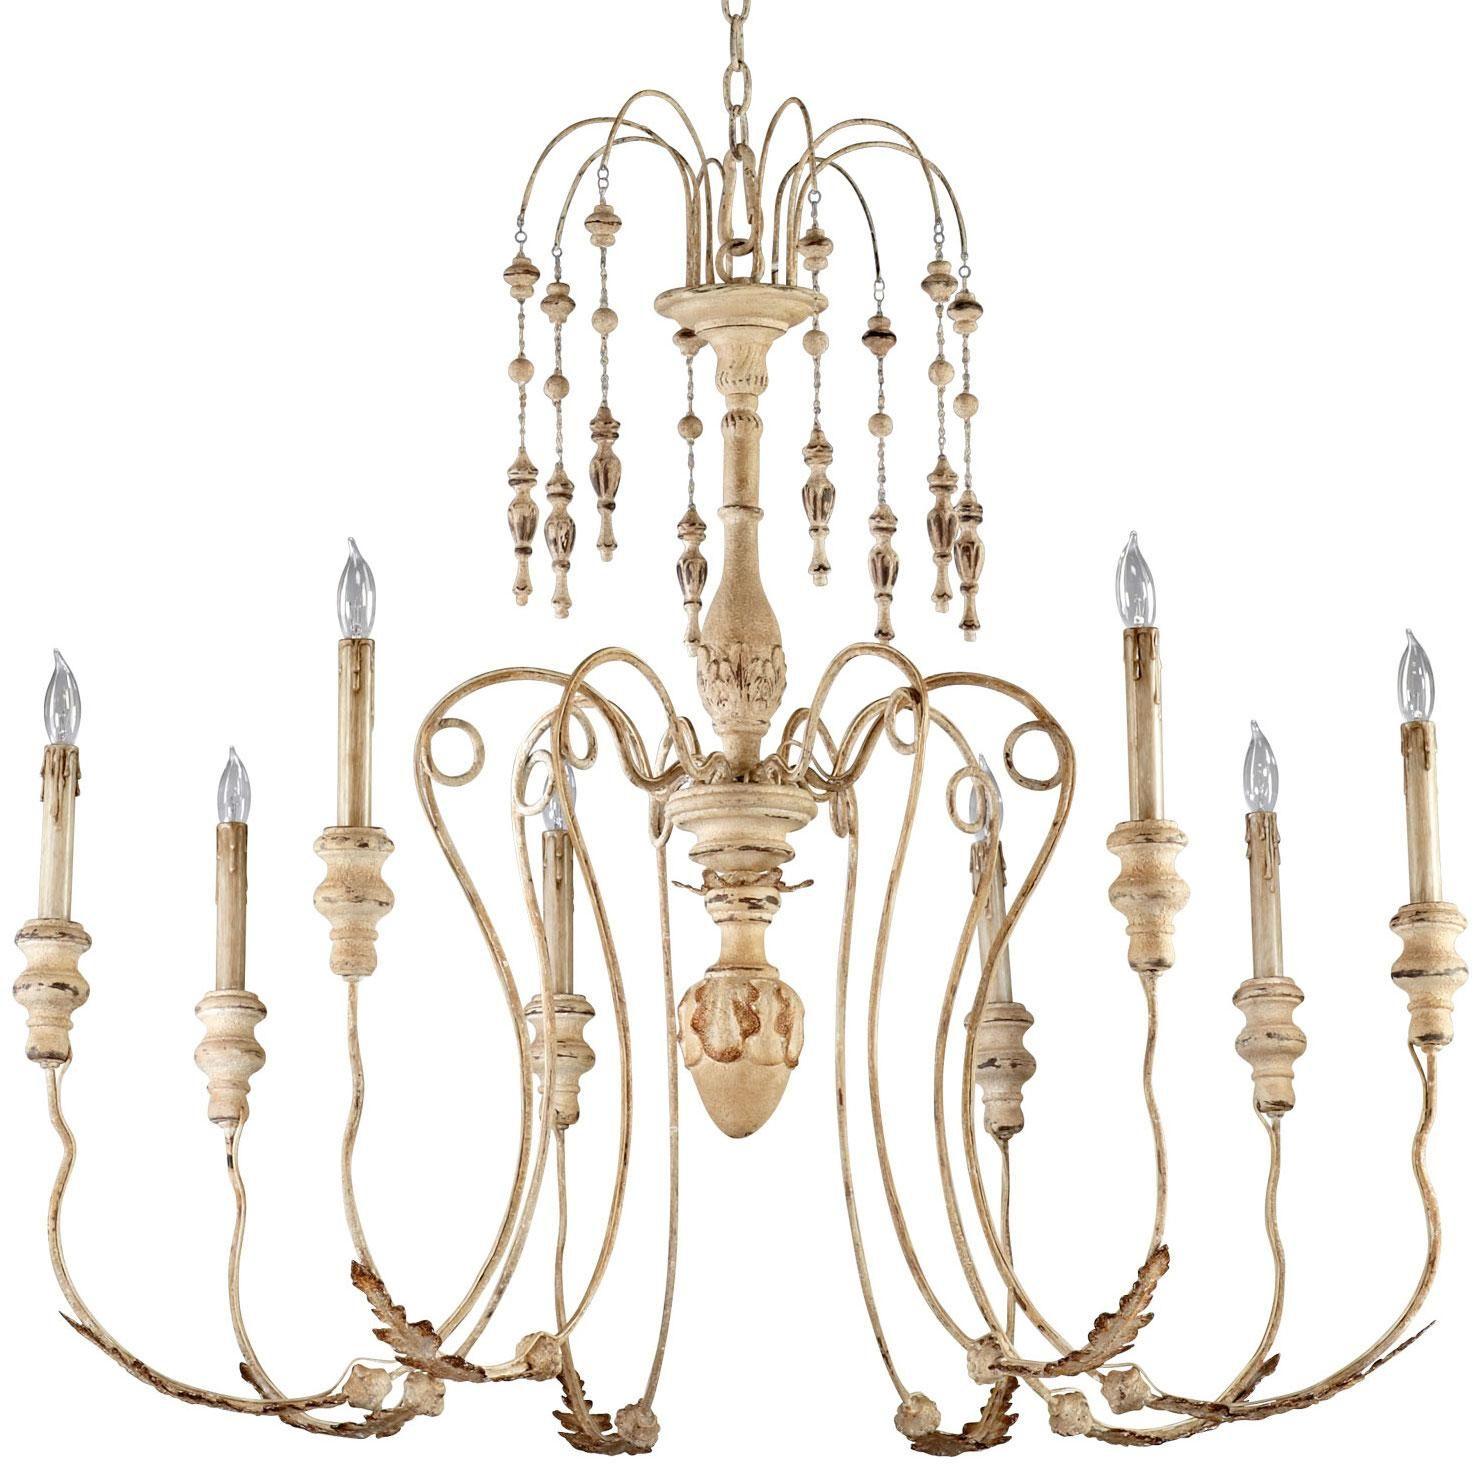 Maison 8 light chandelier by Cyan Design 37 5hx41 d $737